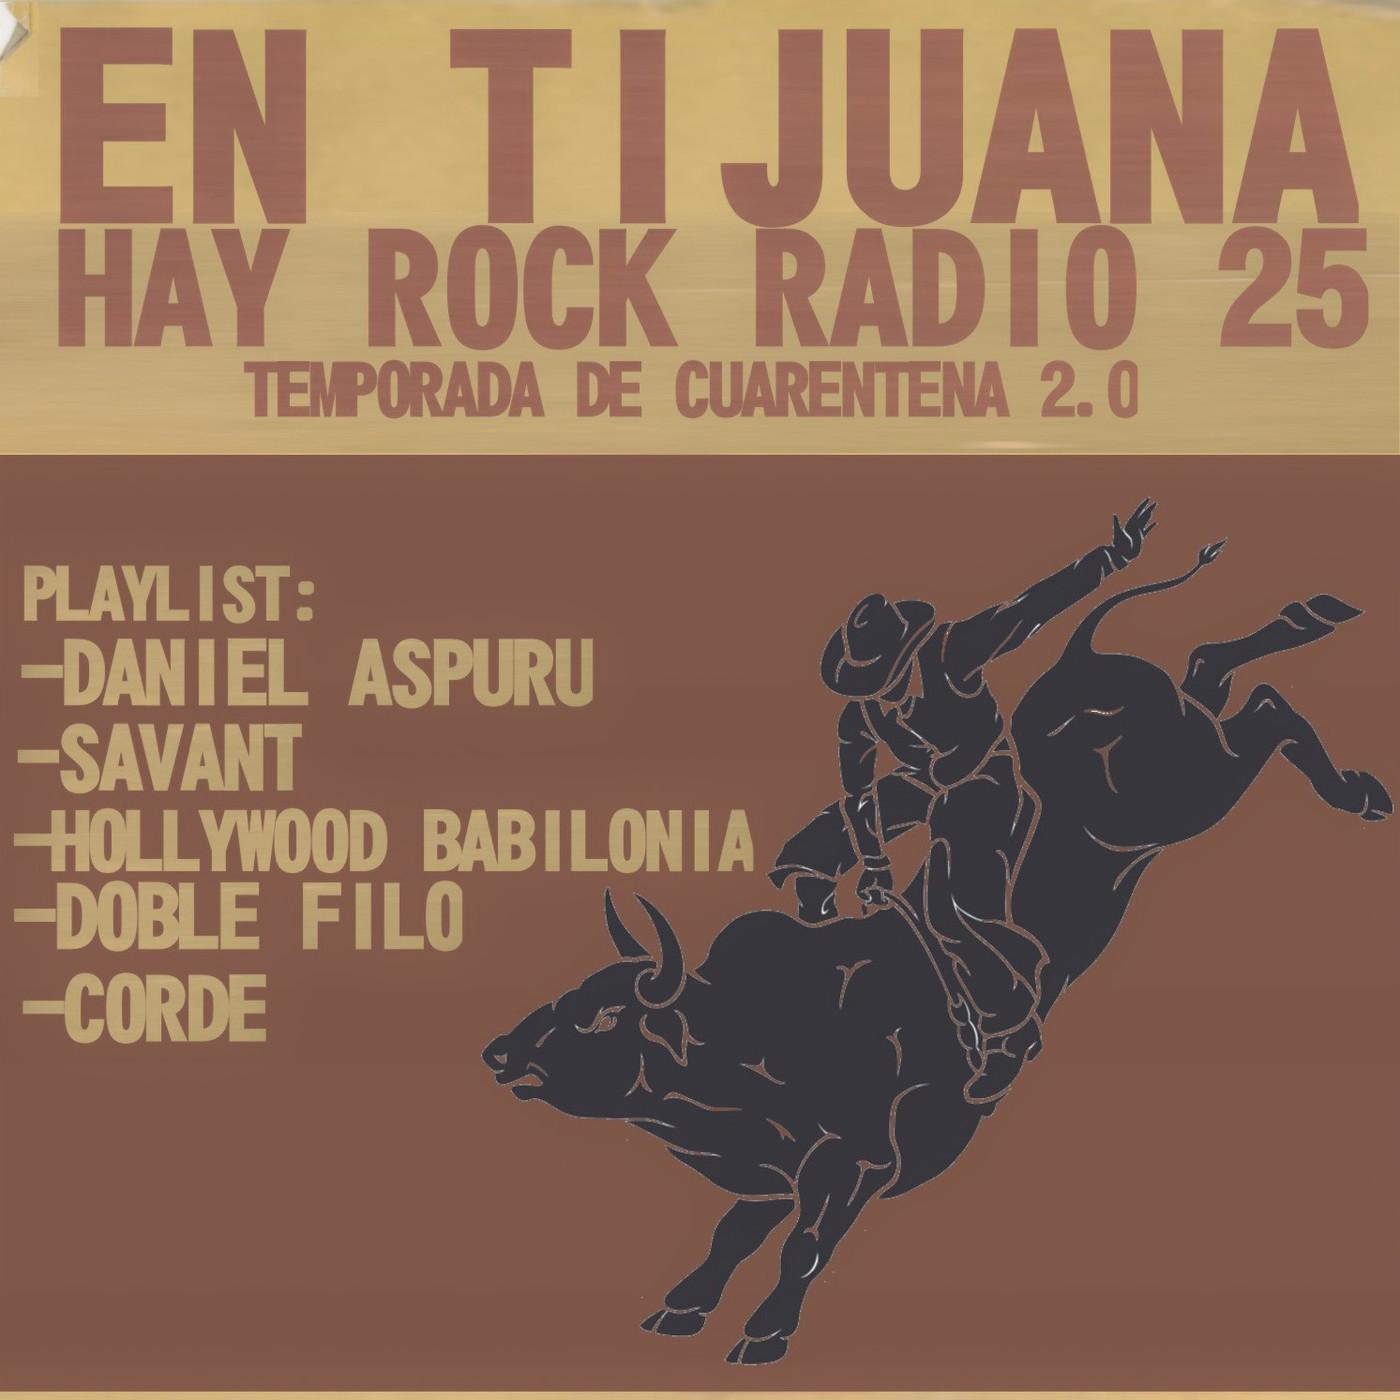 En Tijuana Hay Rock Radio - Temporada De Cuarentena 2.0 - 25